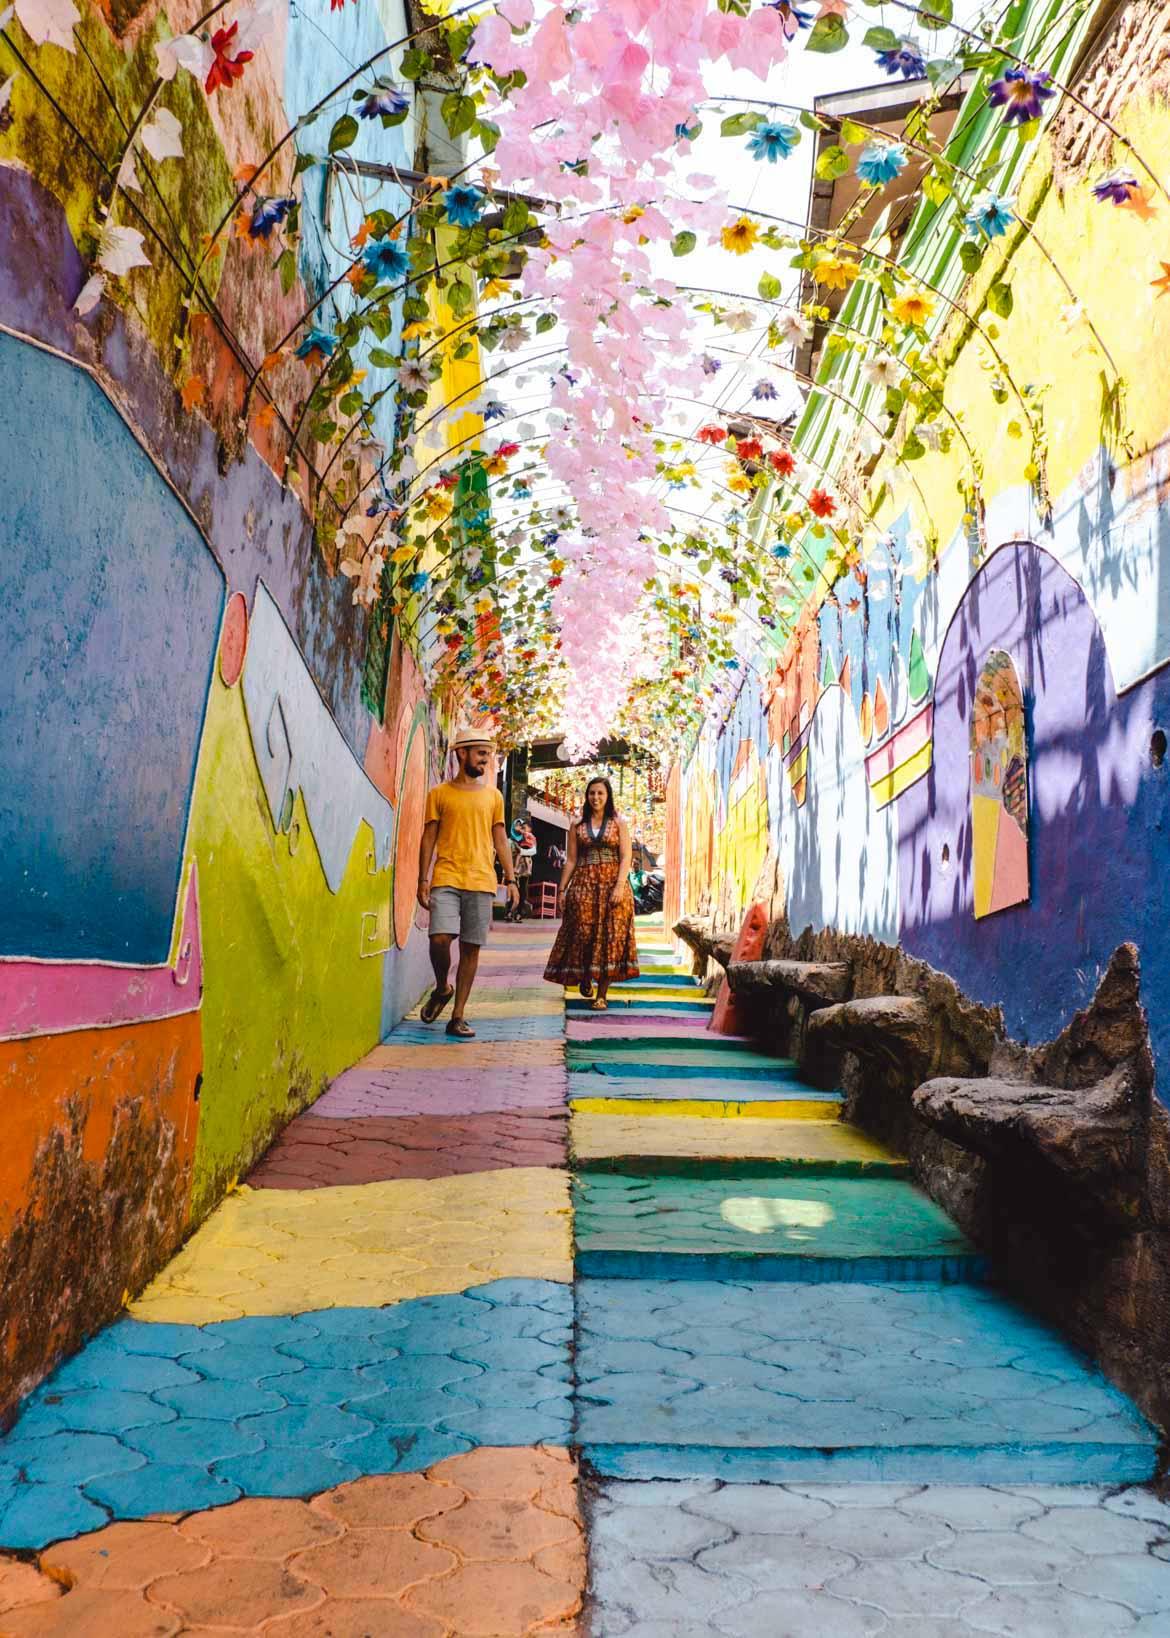 vicoli rainbow village jodipan